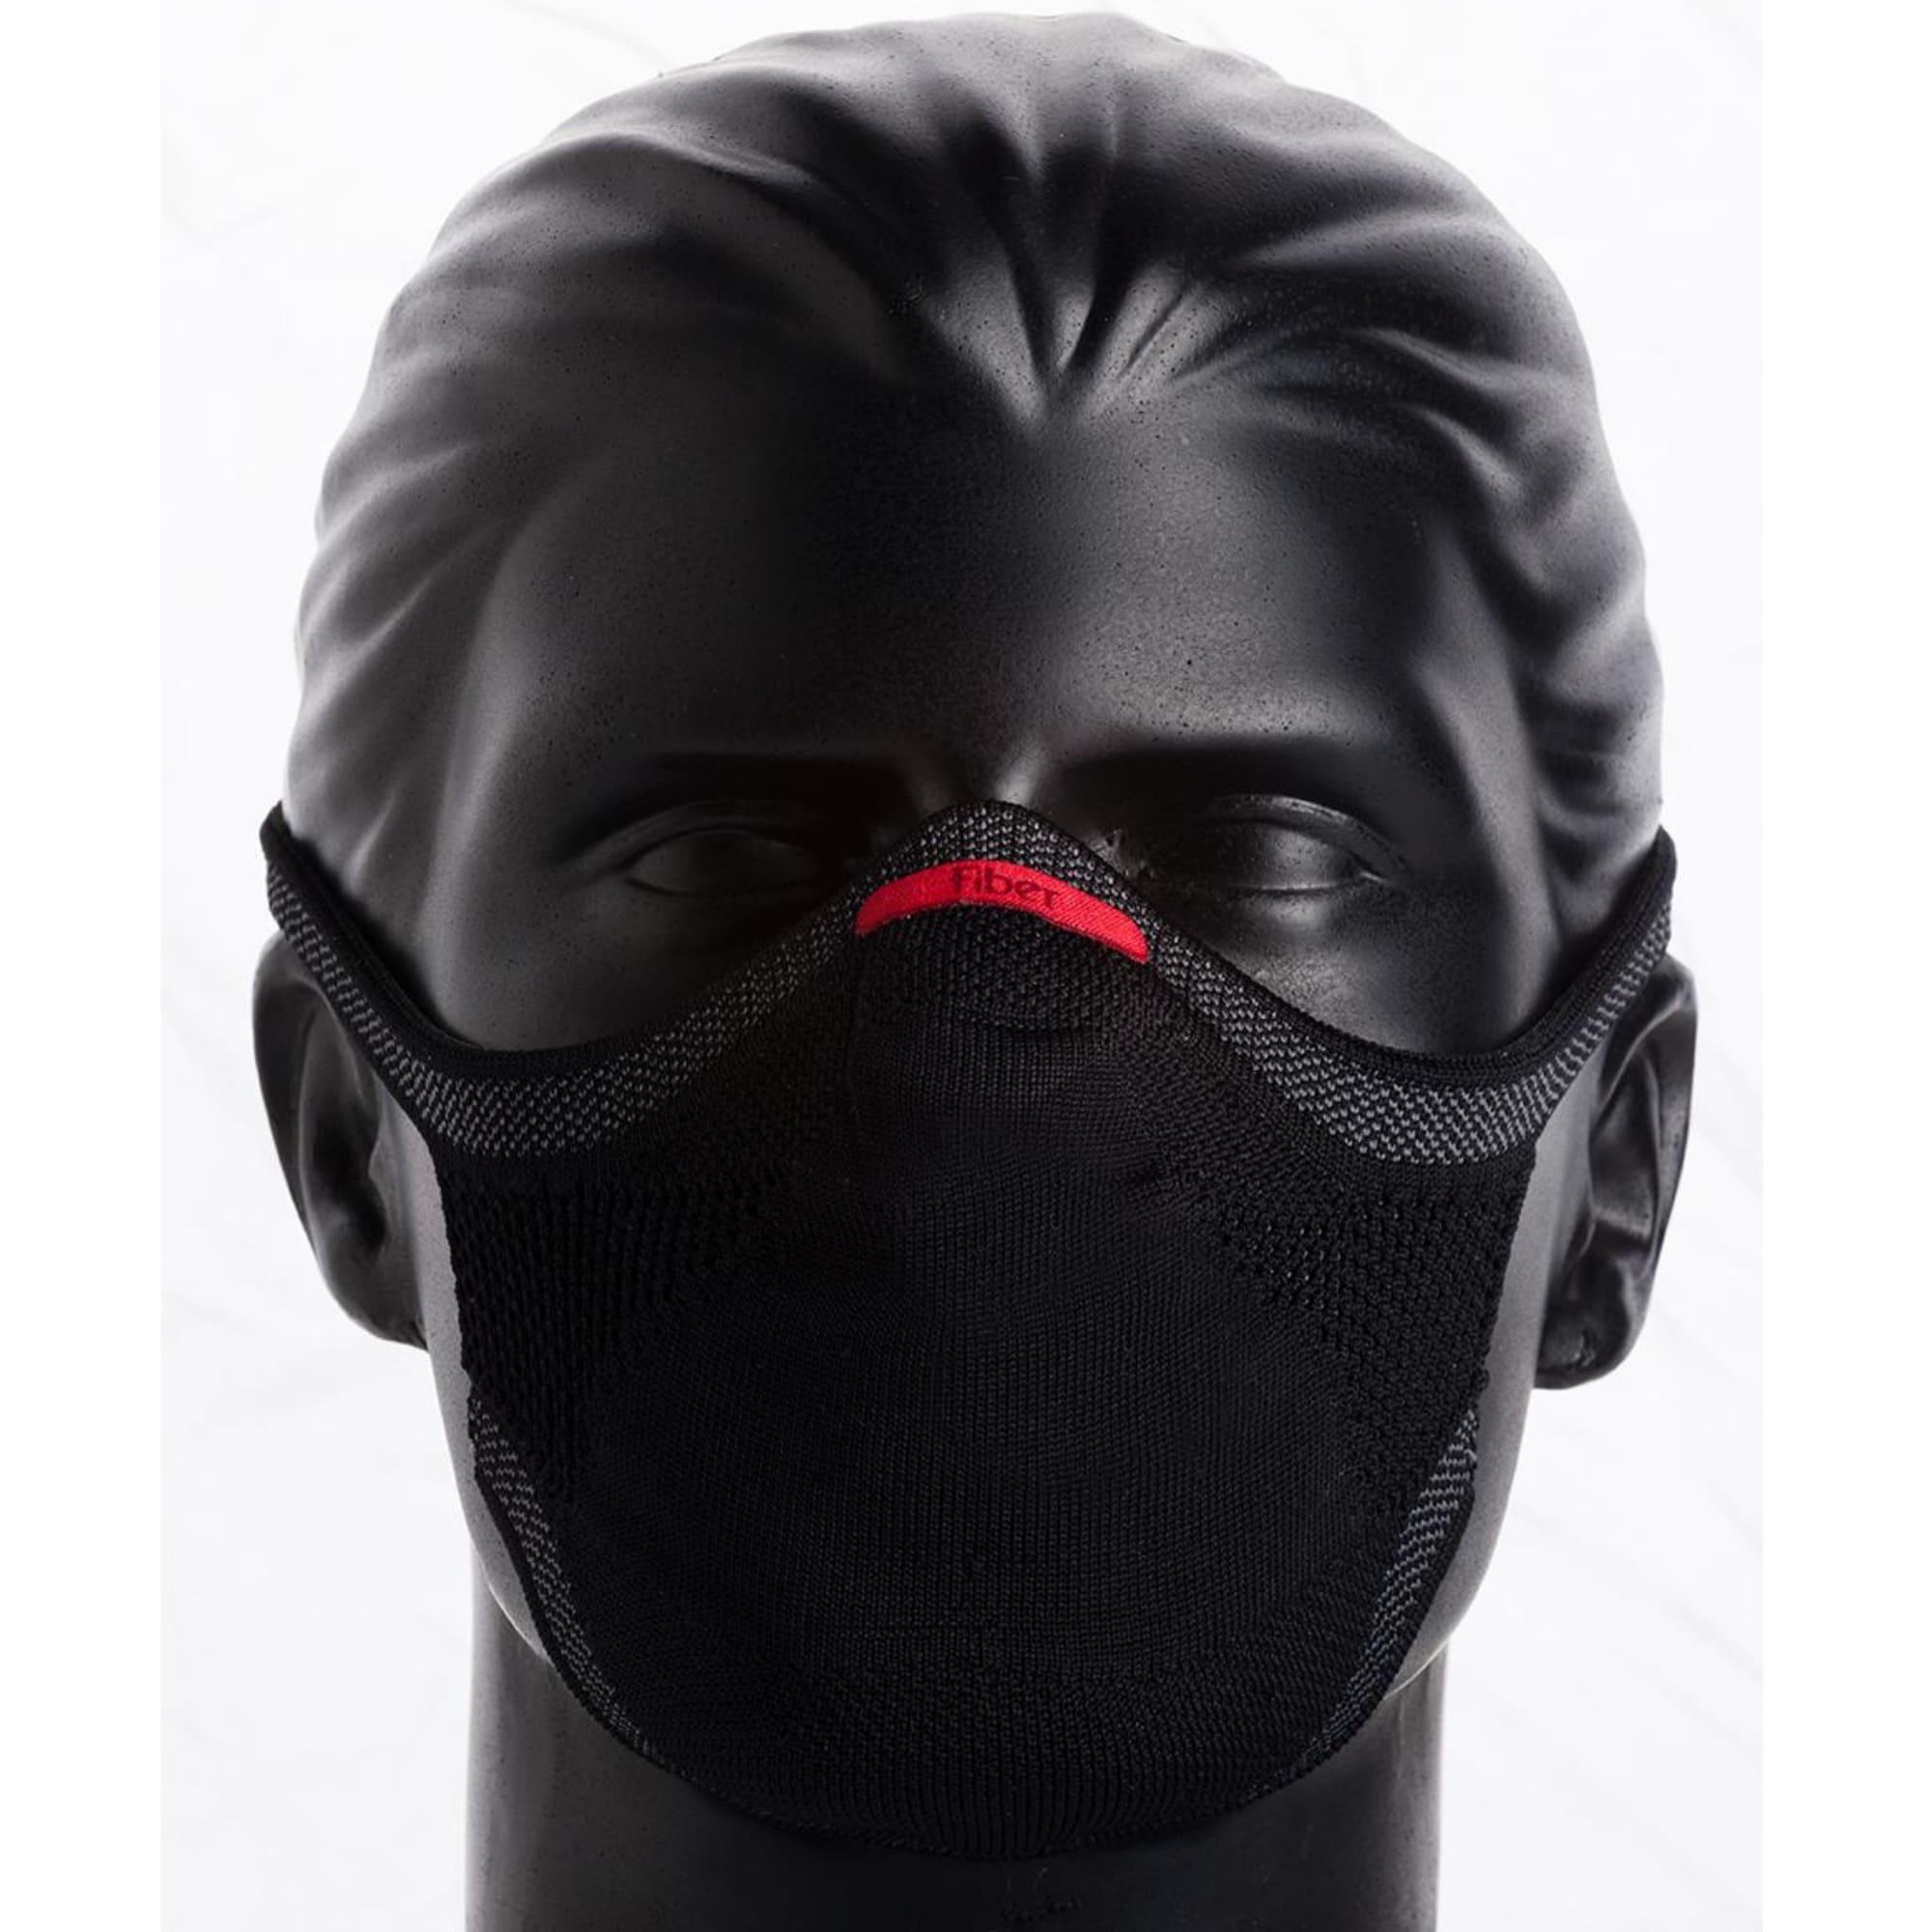 KIT 1 Máscaras Preta + 1 Máscara Rosa + 2 Refis de Filtro + 2 Suportes